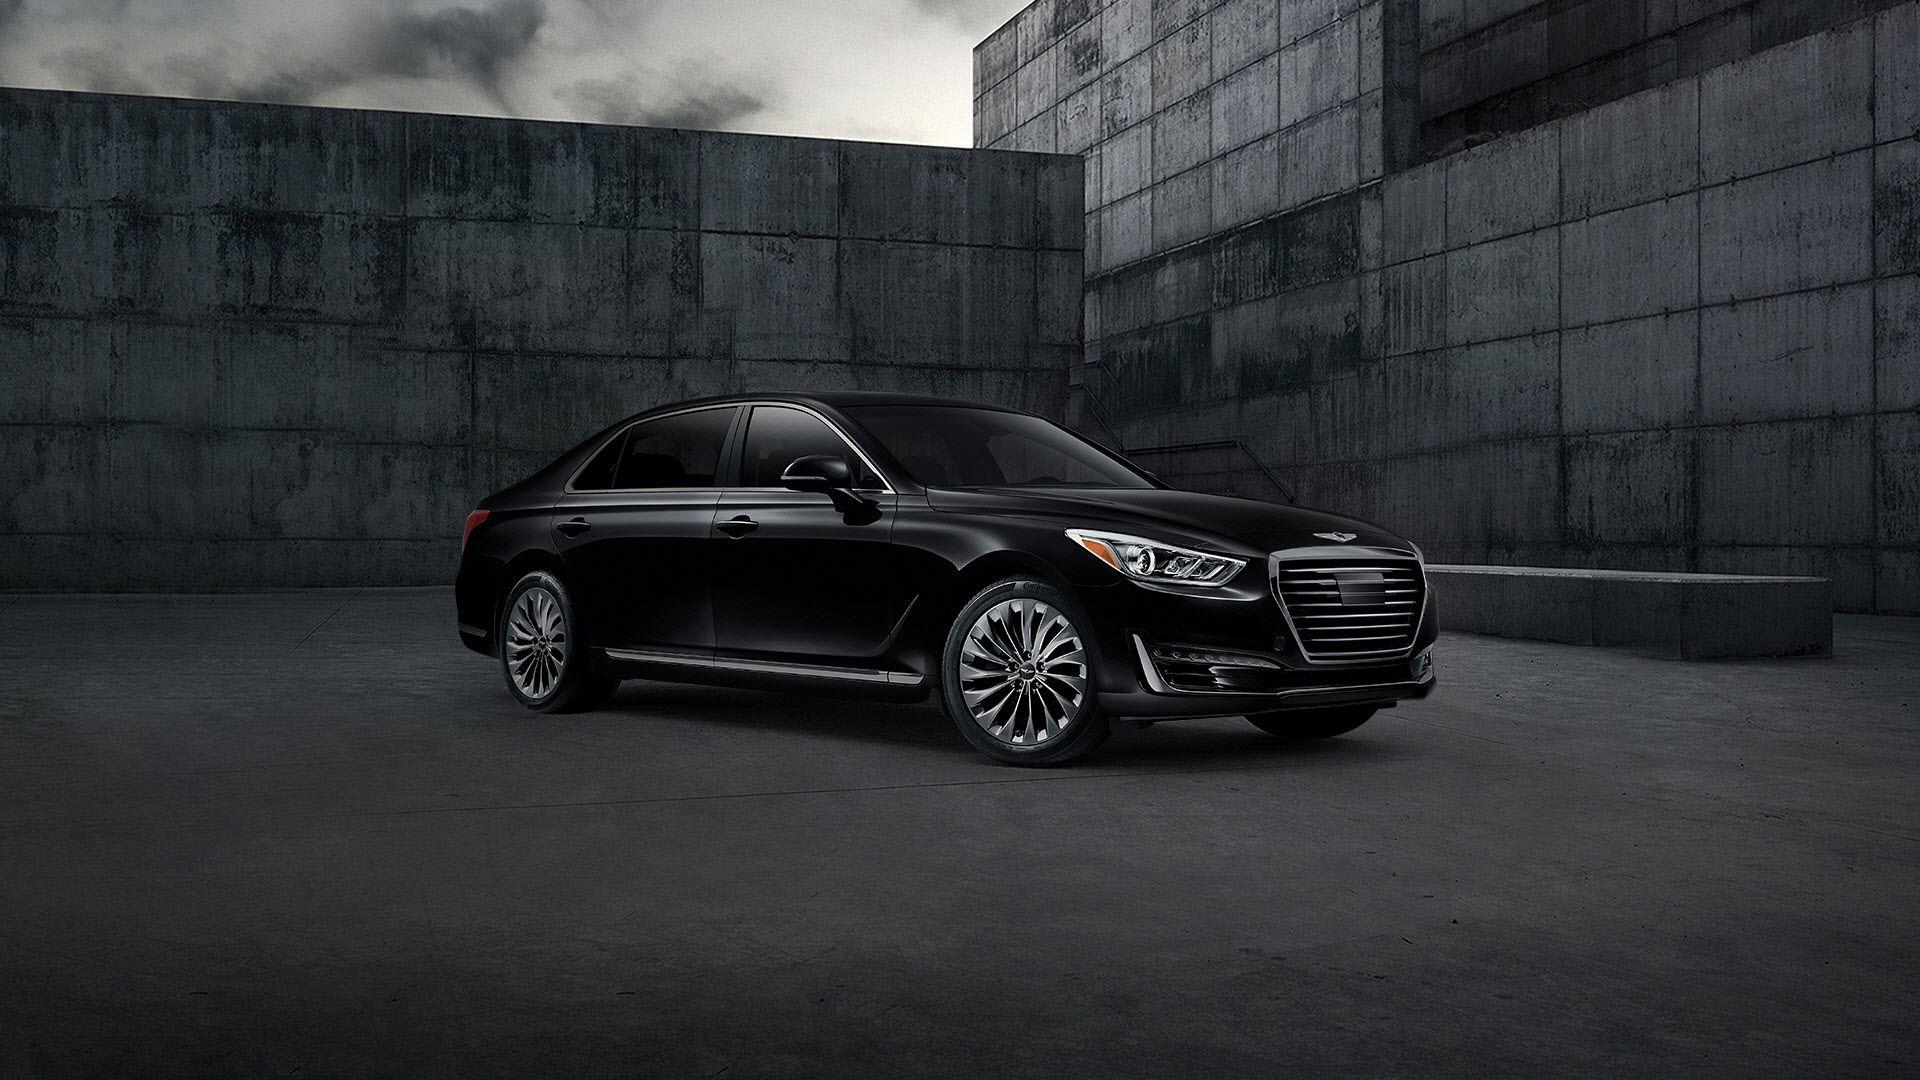 Genesis G90 The New Luxury Midsize Sedan Genesis USA